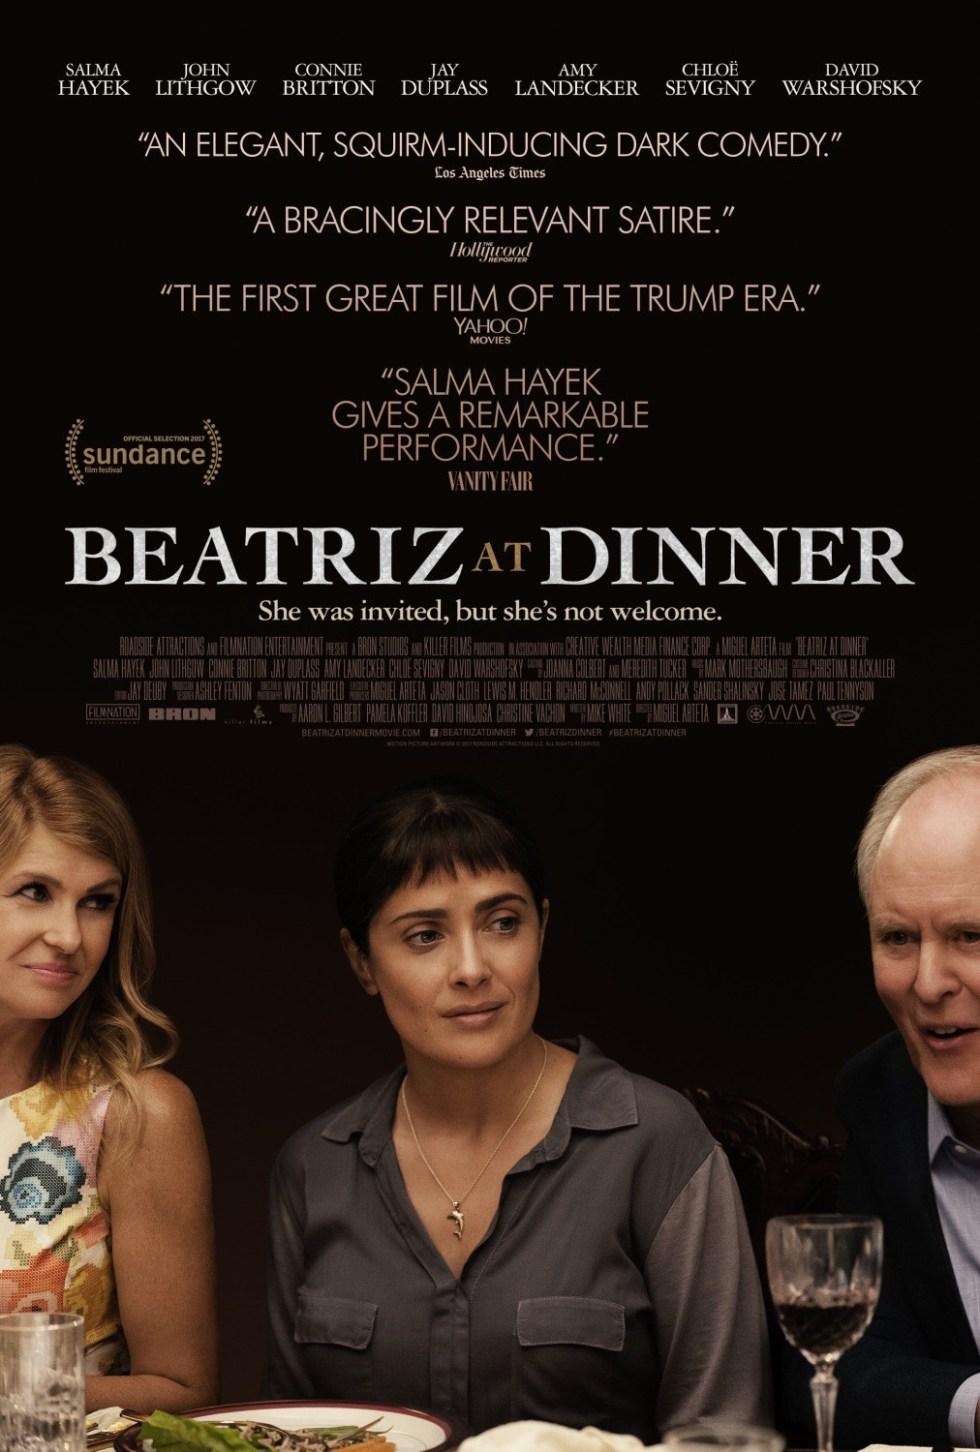 Beatriz-at-Dinner-movie-poster